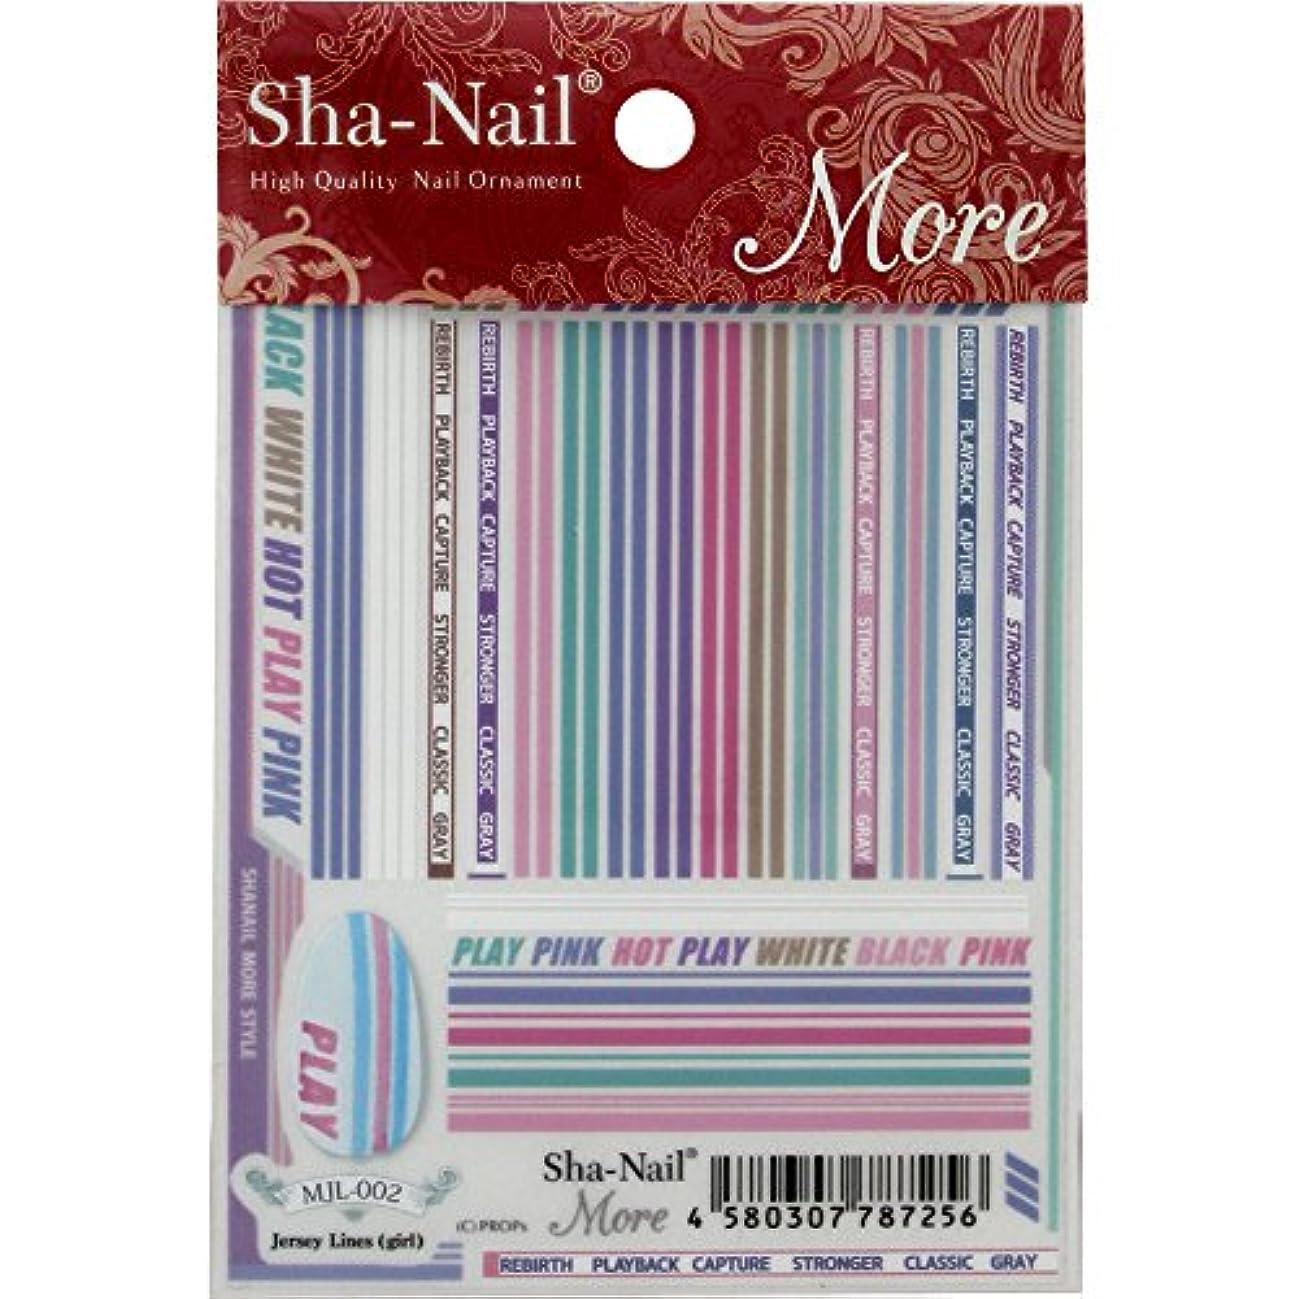 国家アンティーク温度Sha-Nail More ネイルシール ジェージライン (ガール)